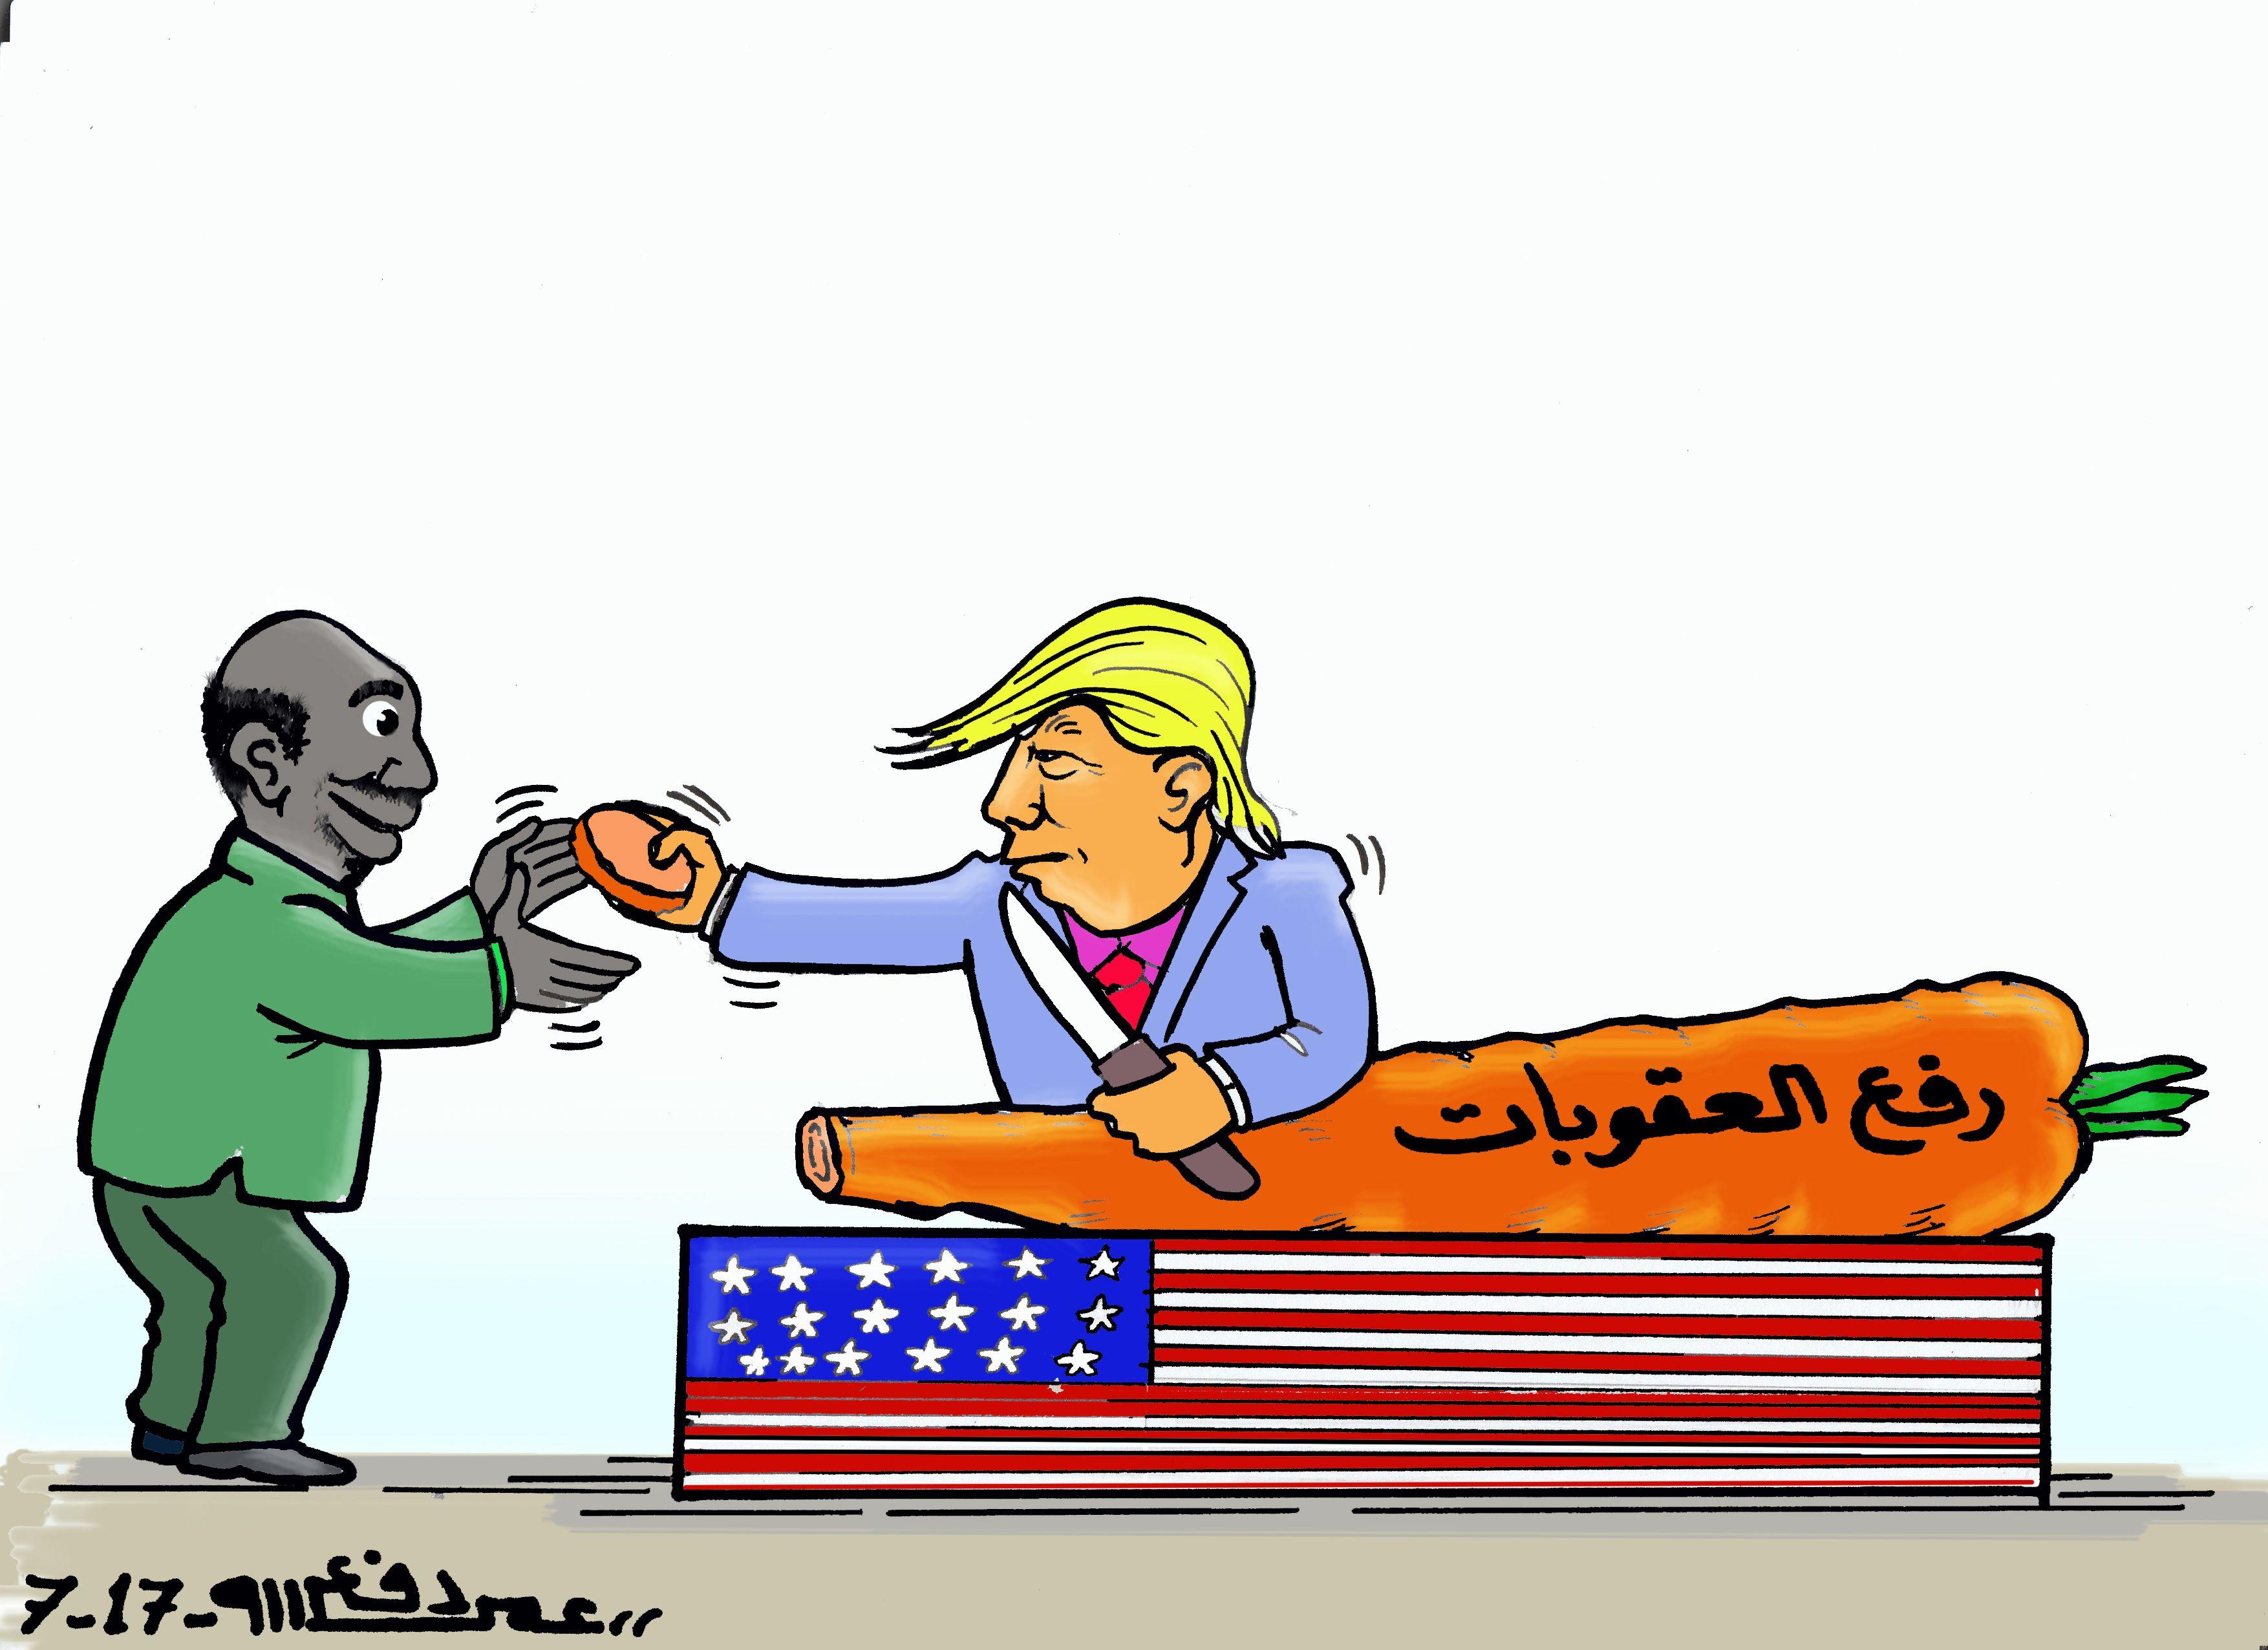 كاركاتير اليوم الموافق 13 يوليو 2017 للفنان عمر دفع الله